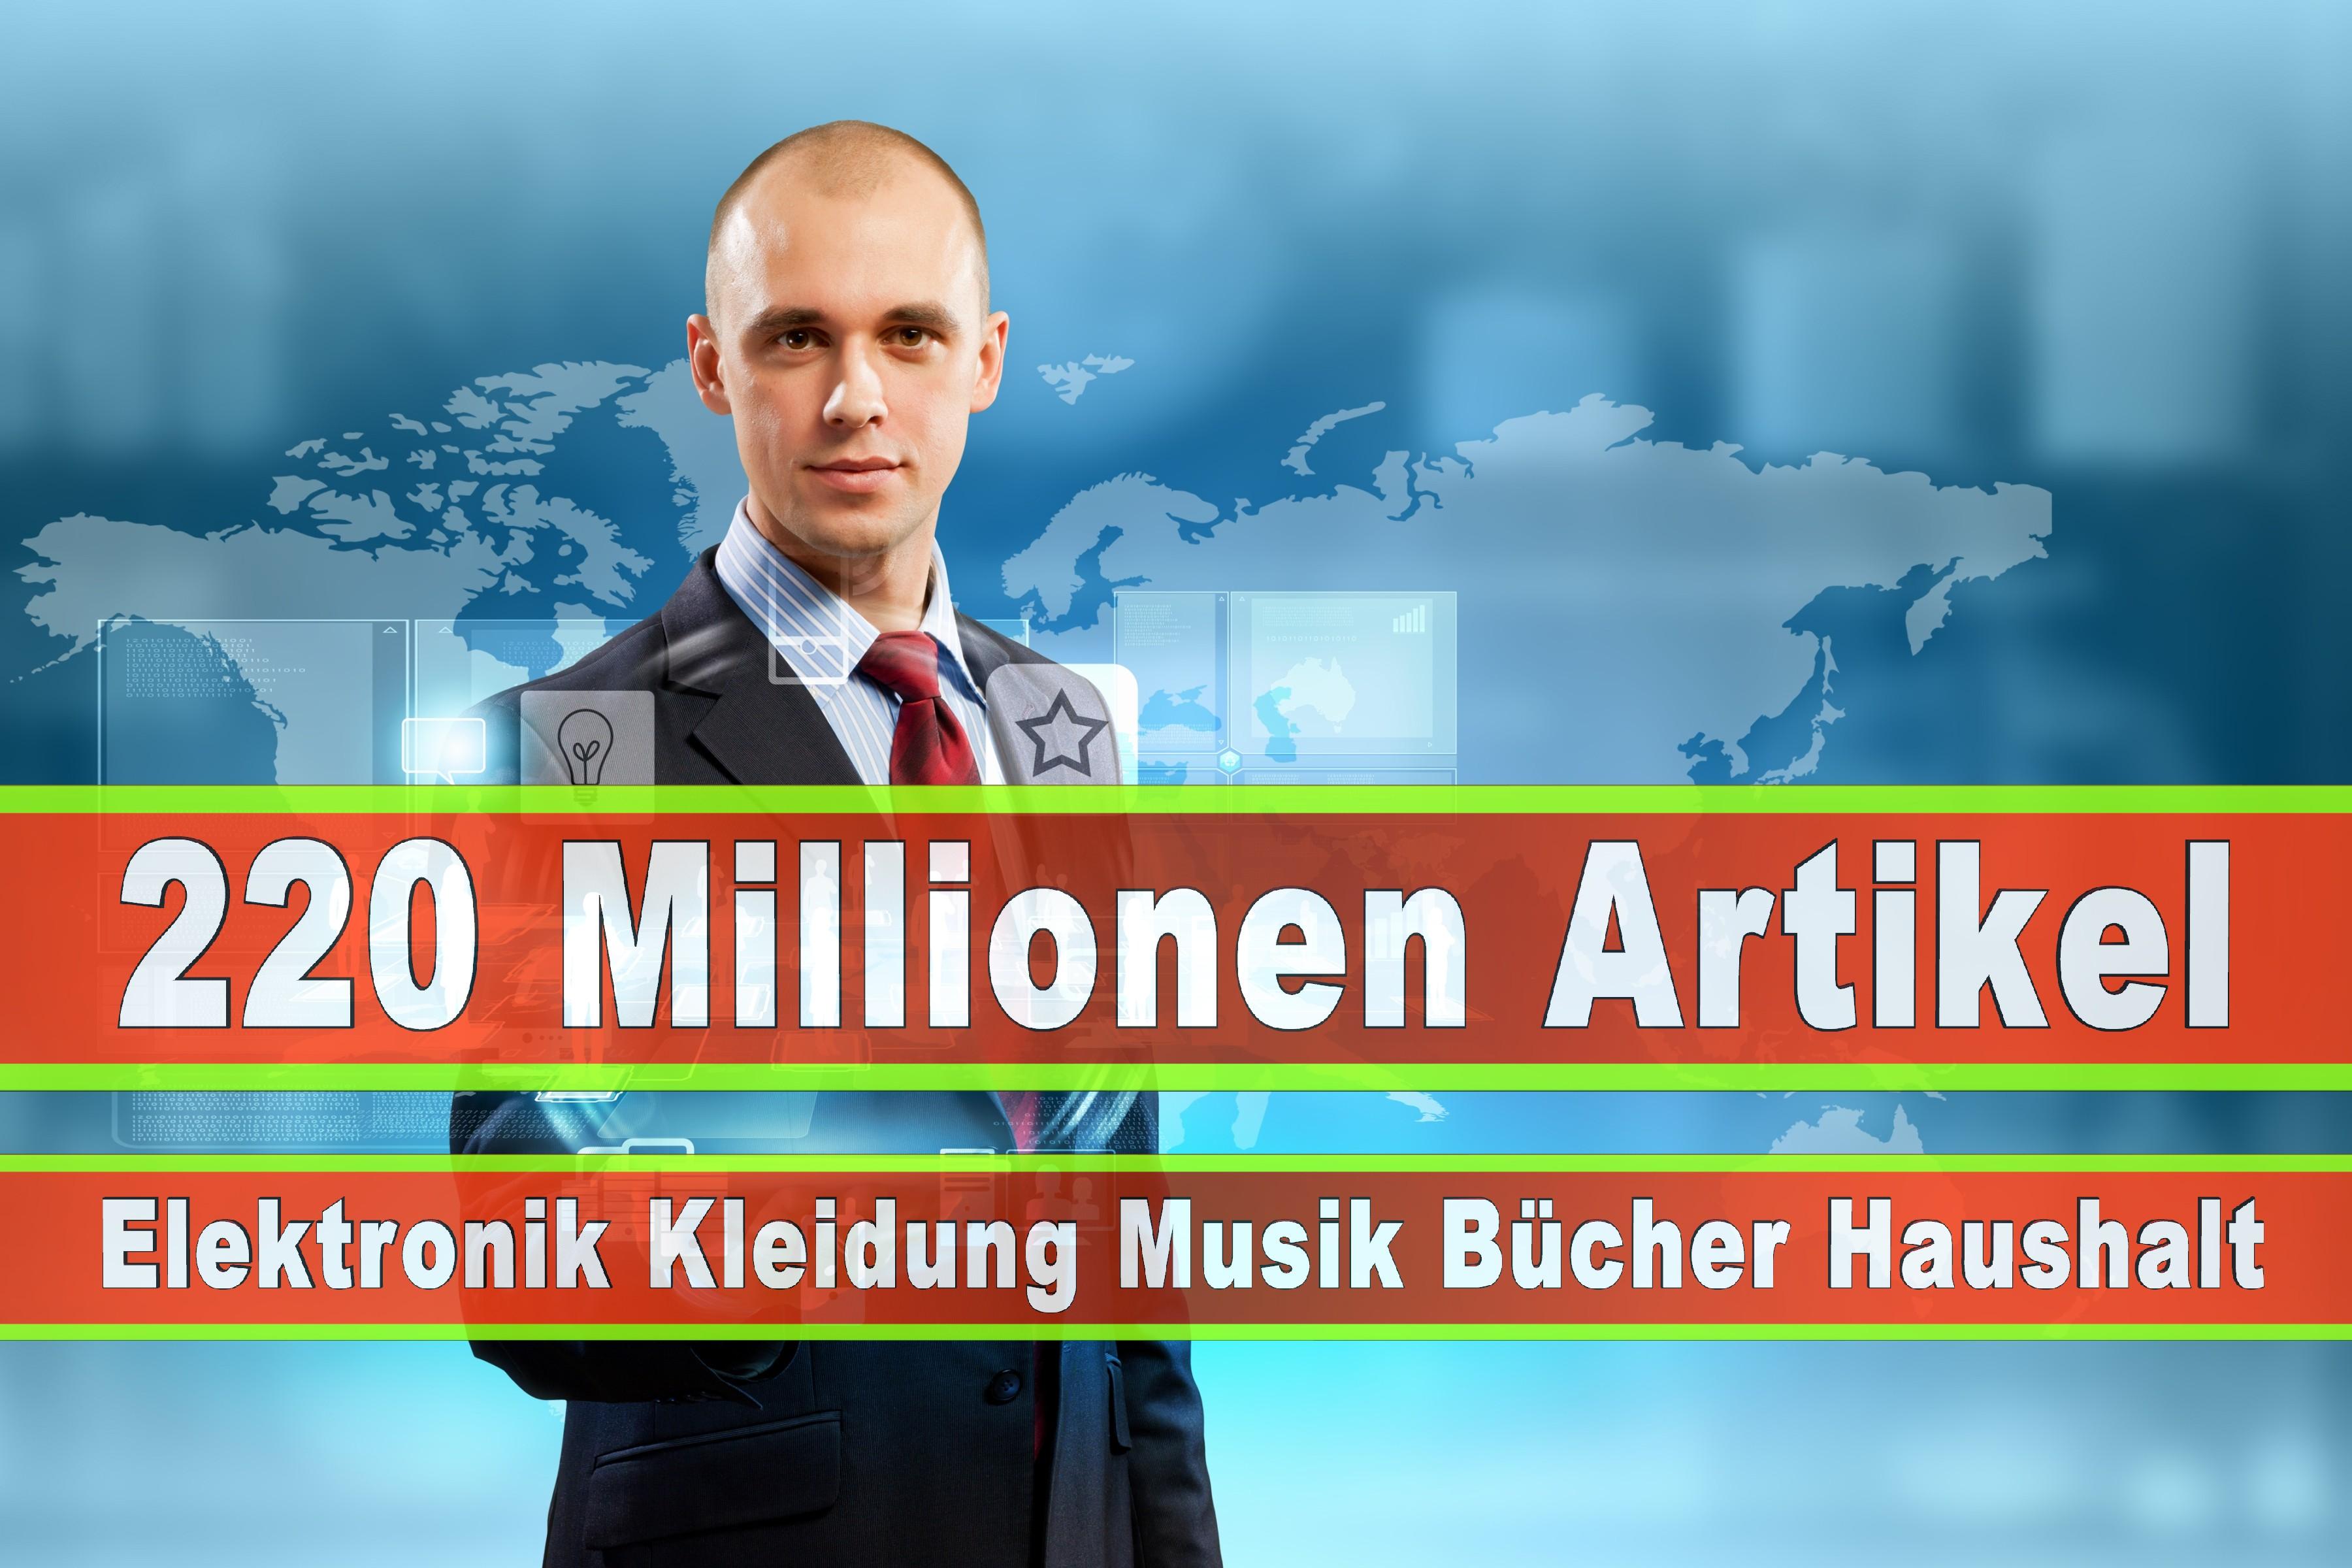 Amazon Elektronik Musik Haushalt Bücher CD DVD Handys Smartphones TV Television Fernseher Kleidung Mode Ebay Versandhaus (26)